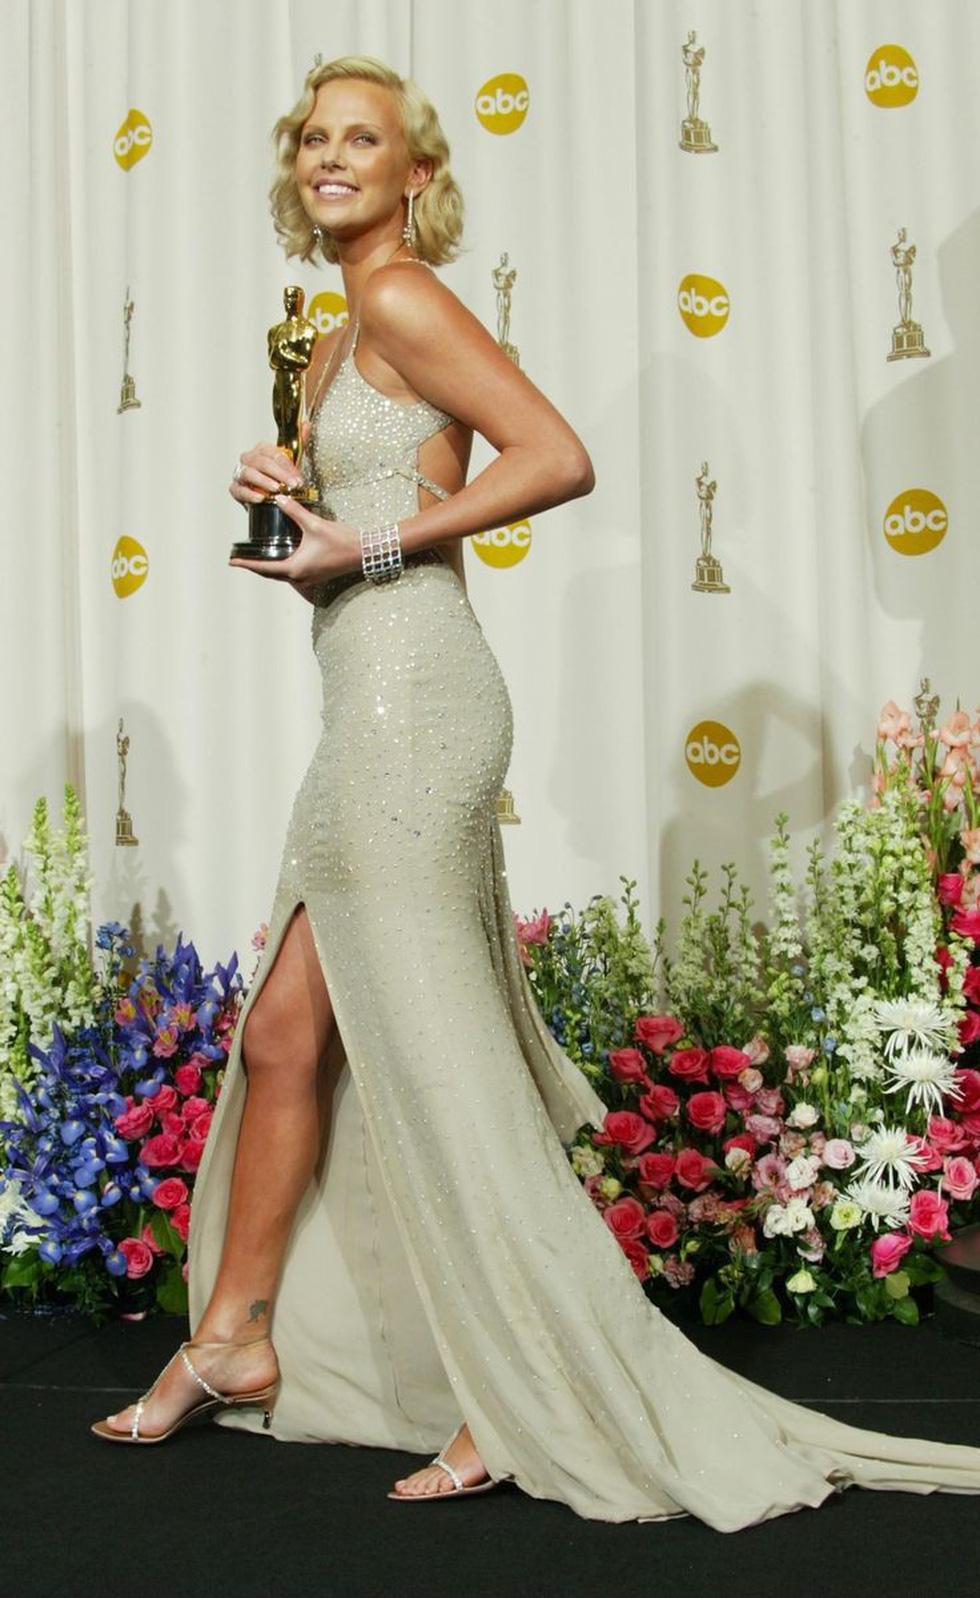 Những điều thú vị quanh Oscar của các ngôi sao nữ 90 năm qua - Ảnh 9.